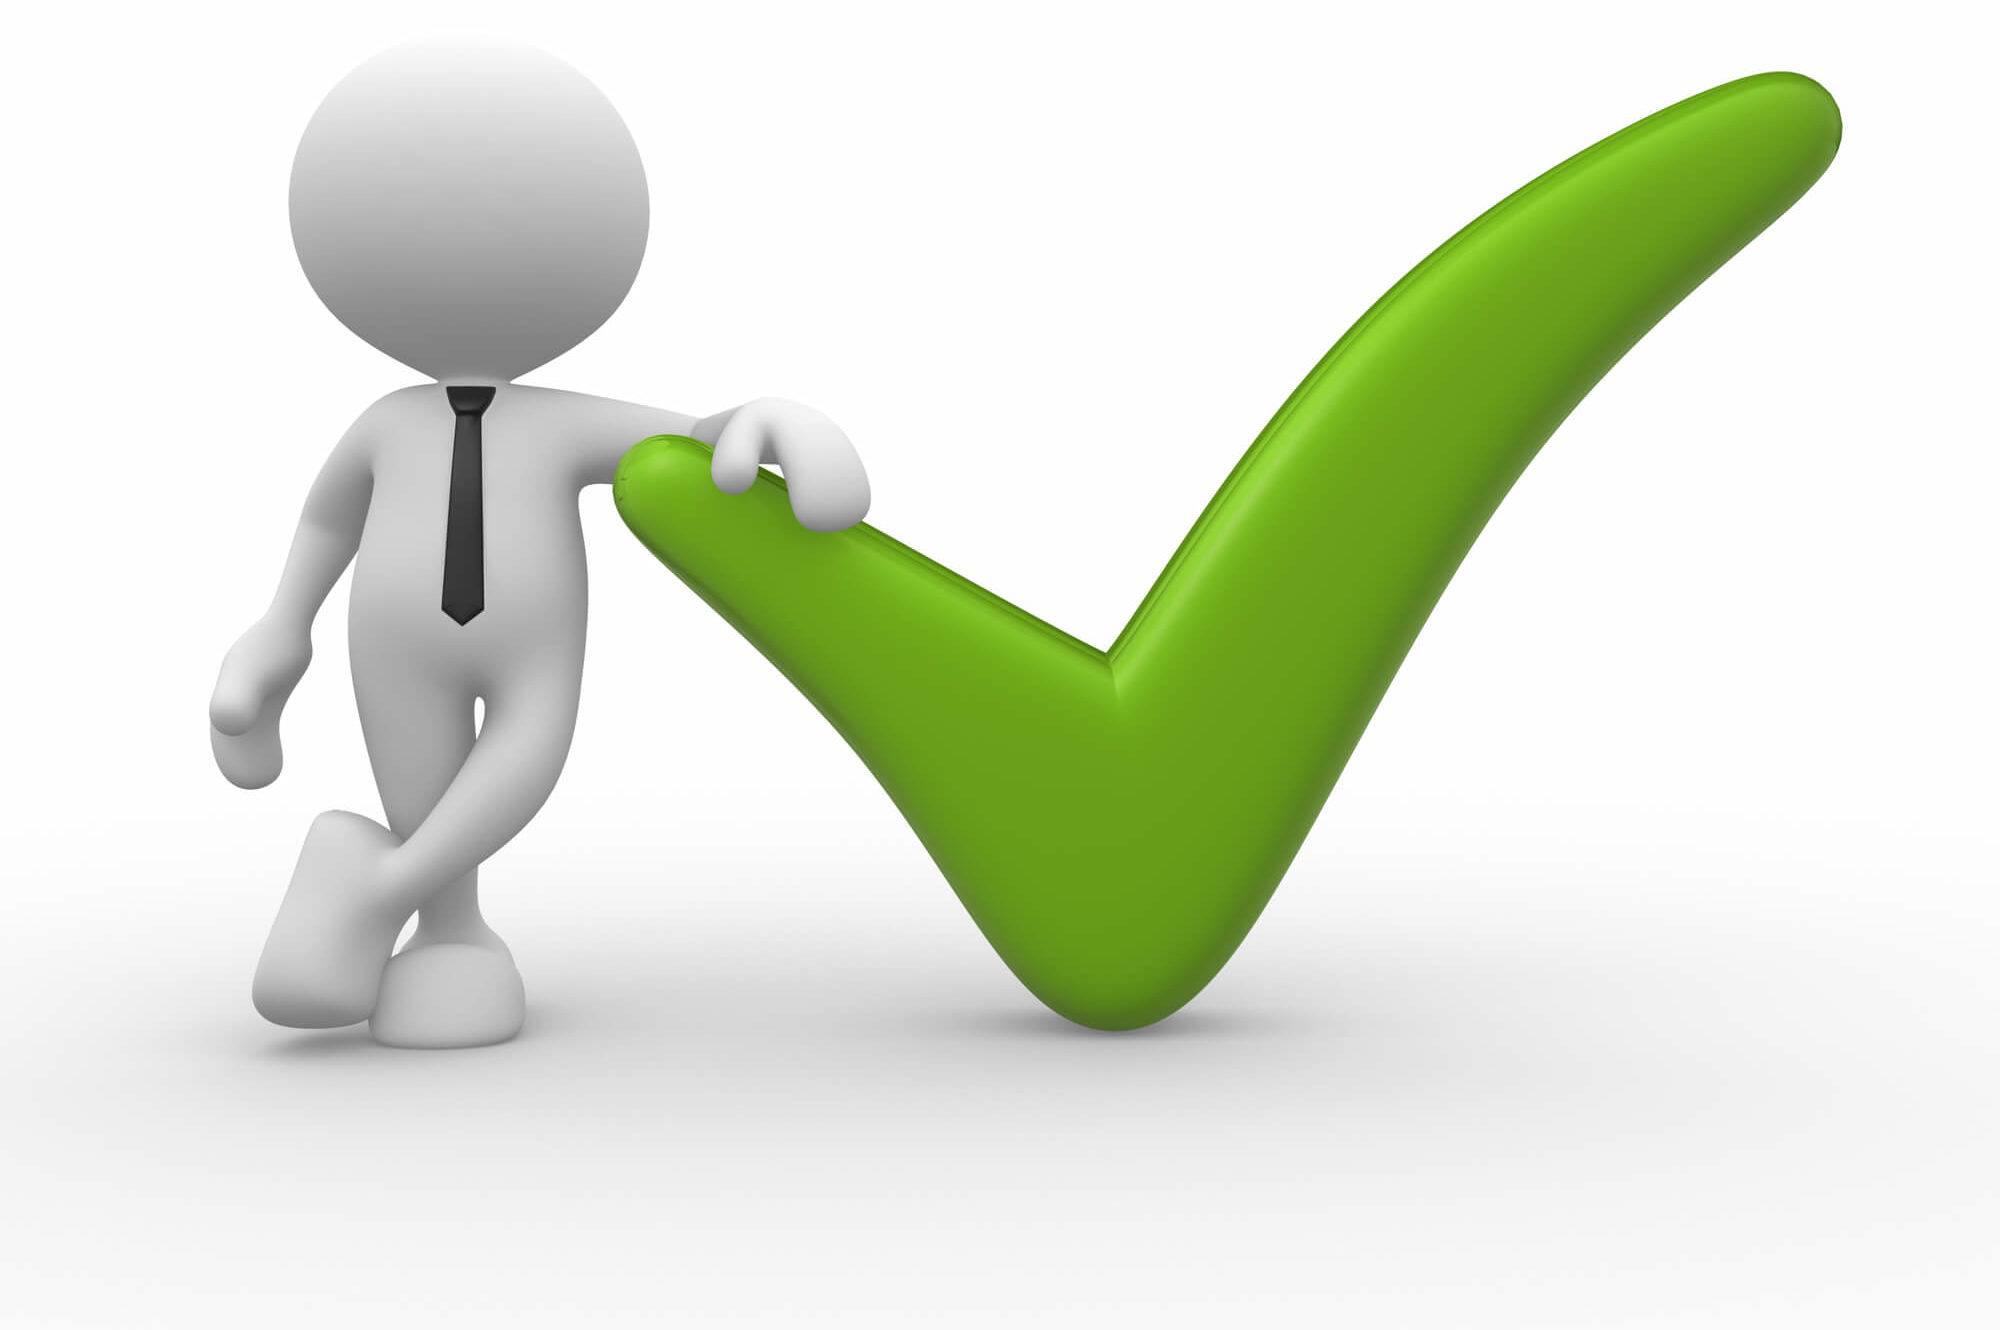 Antecipação do auxílio-doença: INSS disciplina confirmação do benefício